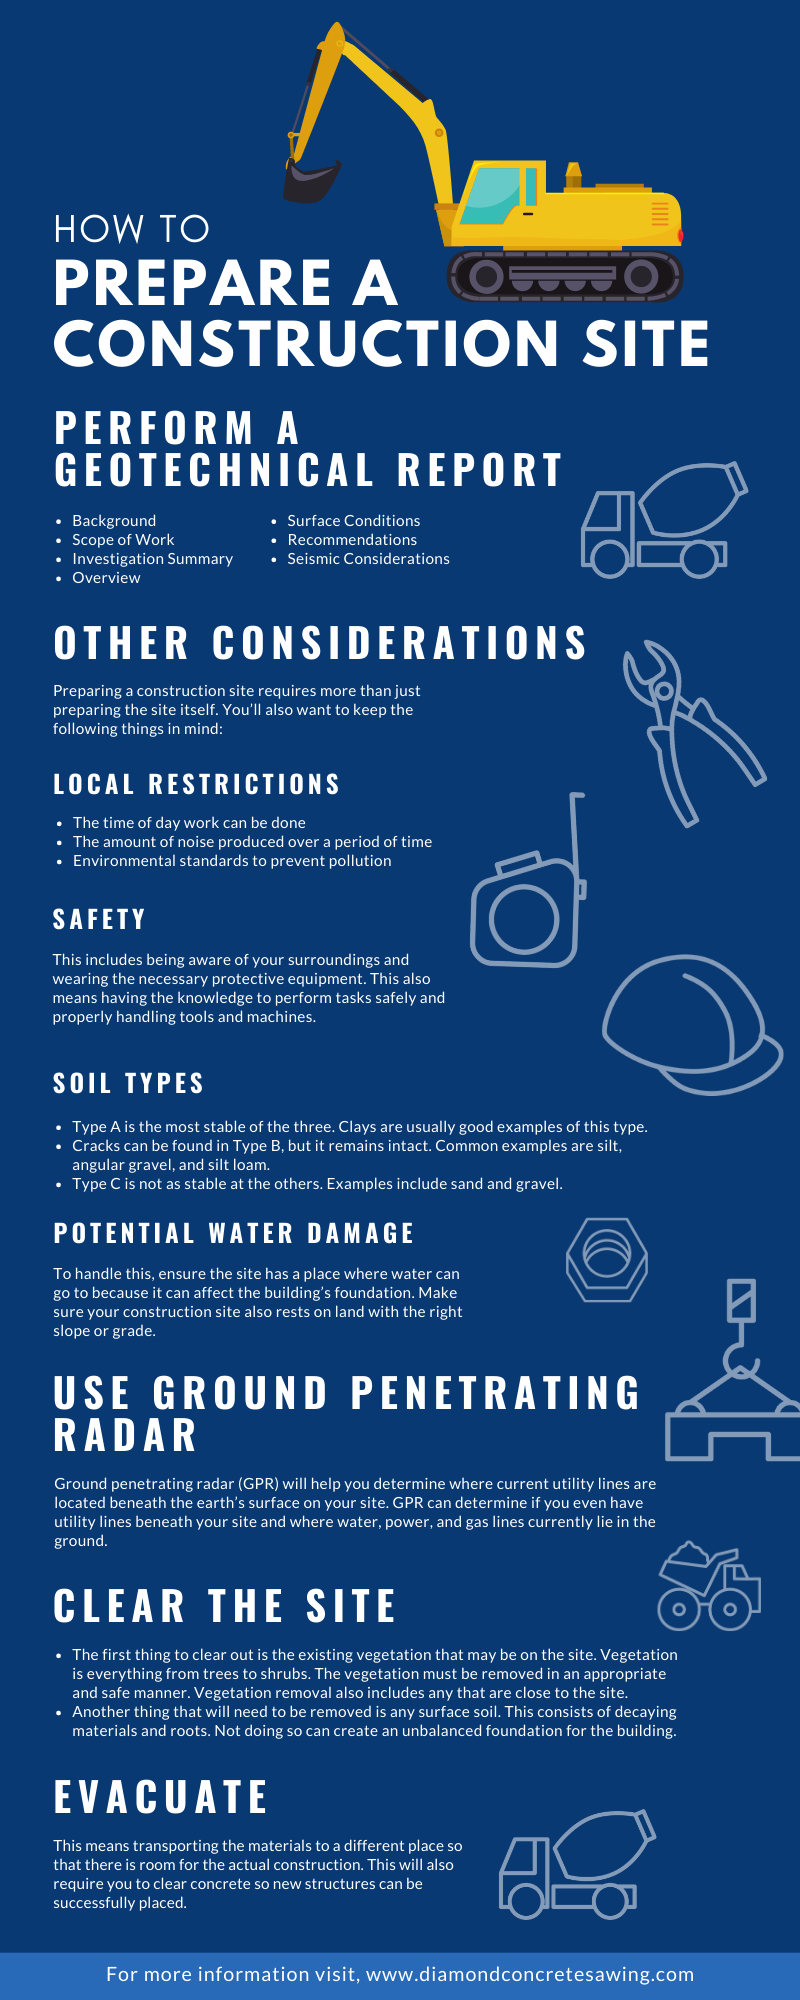 Prepare a Construction Site Guide